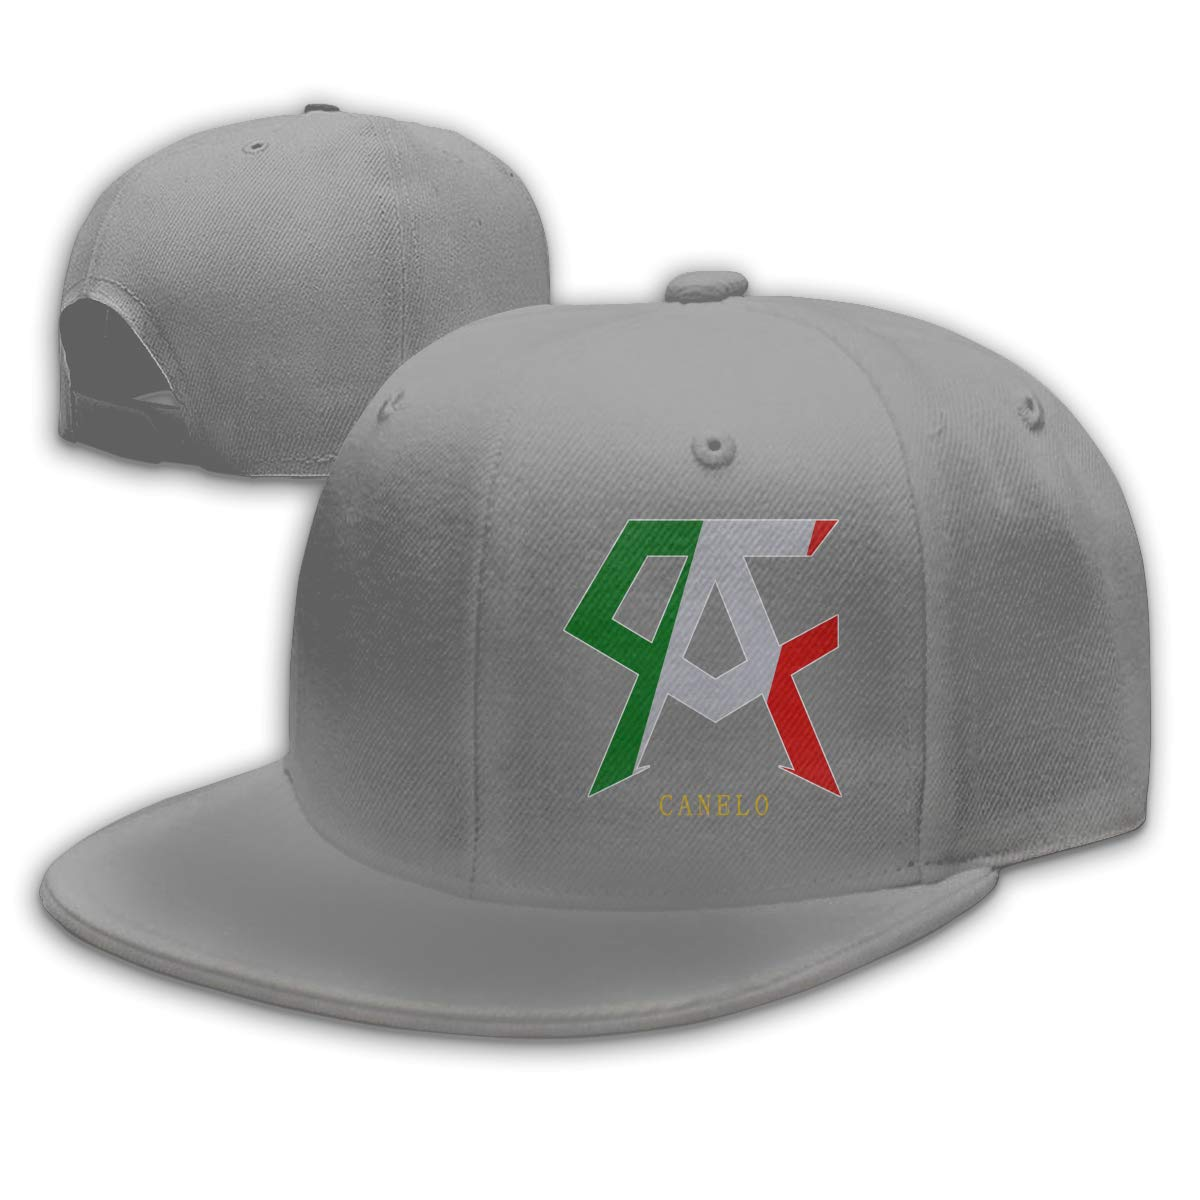 Unisex Mesh Snapback Cap Ice Cream Vintage Chill Summer Flat Bill Hip Hop Baseball Hat